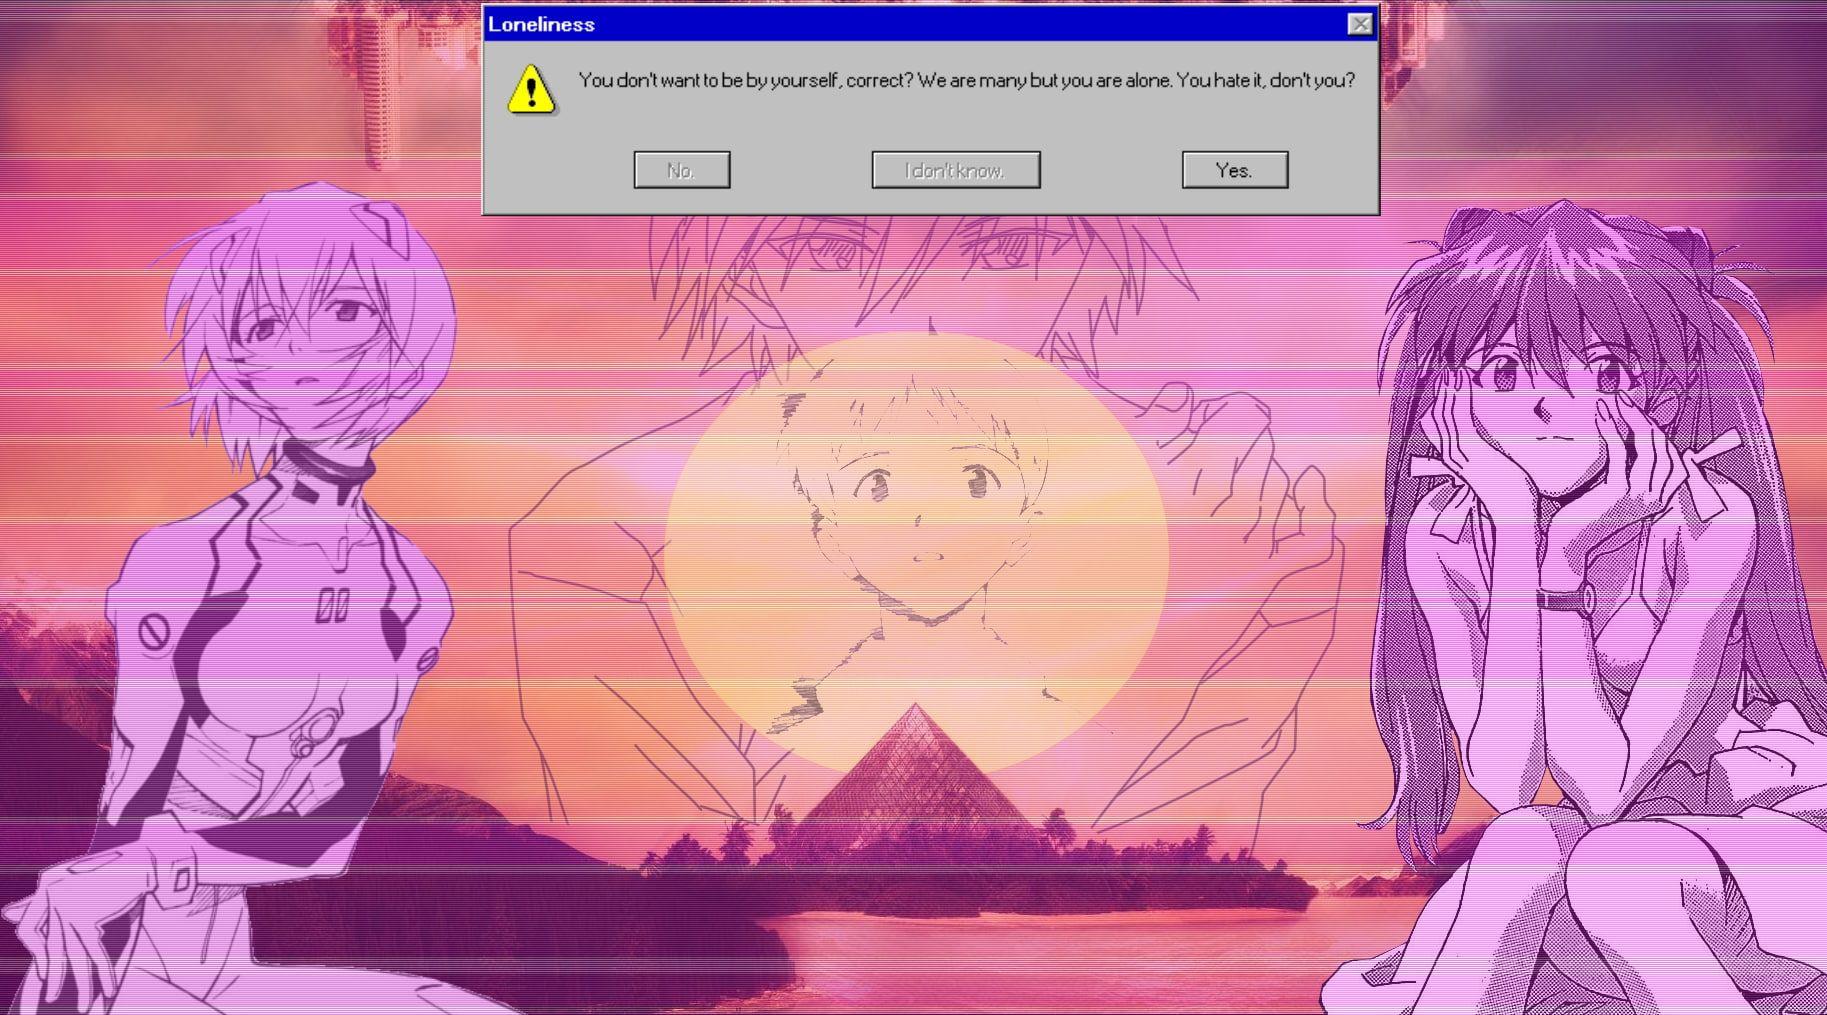 Neon Genesis Evangelion Ayanami Rei Asuka Langley Soryu Ikari Shinji Nagisa Kaworu Vaporwave Mecha Girl Neon Genesis Evangelion Evangelion Asuka Langley Soryu